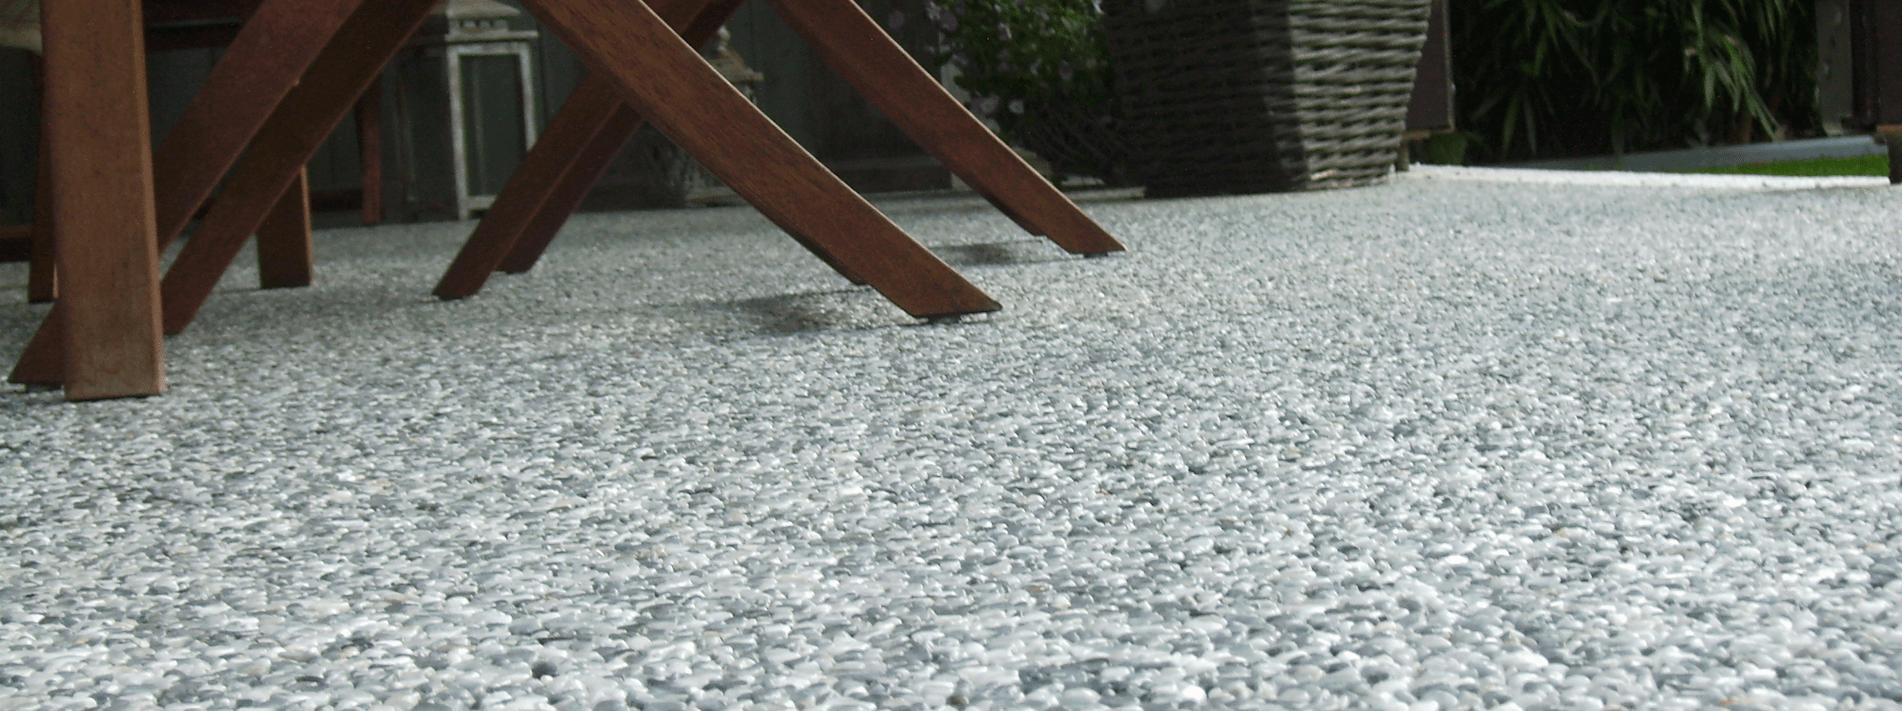 Epoxidharzboden Im Wohnbereich Verlegen - Steinteppich In Ihrer Nã¤He!